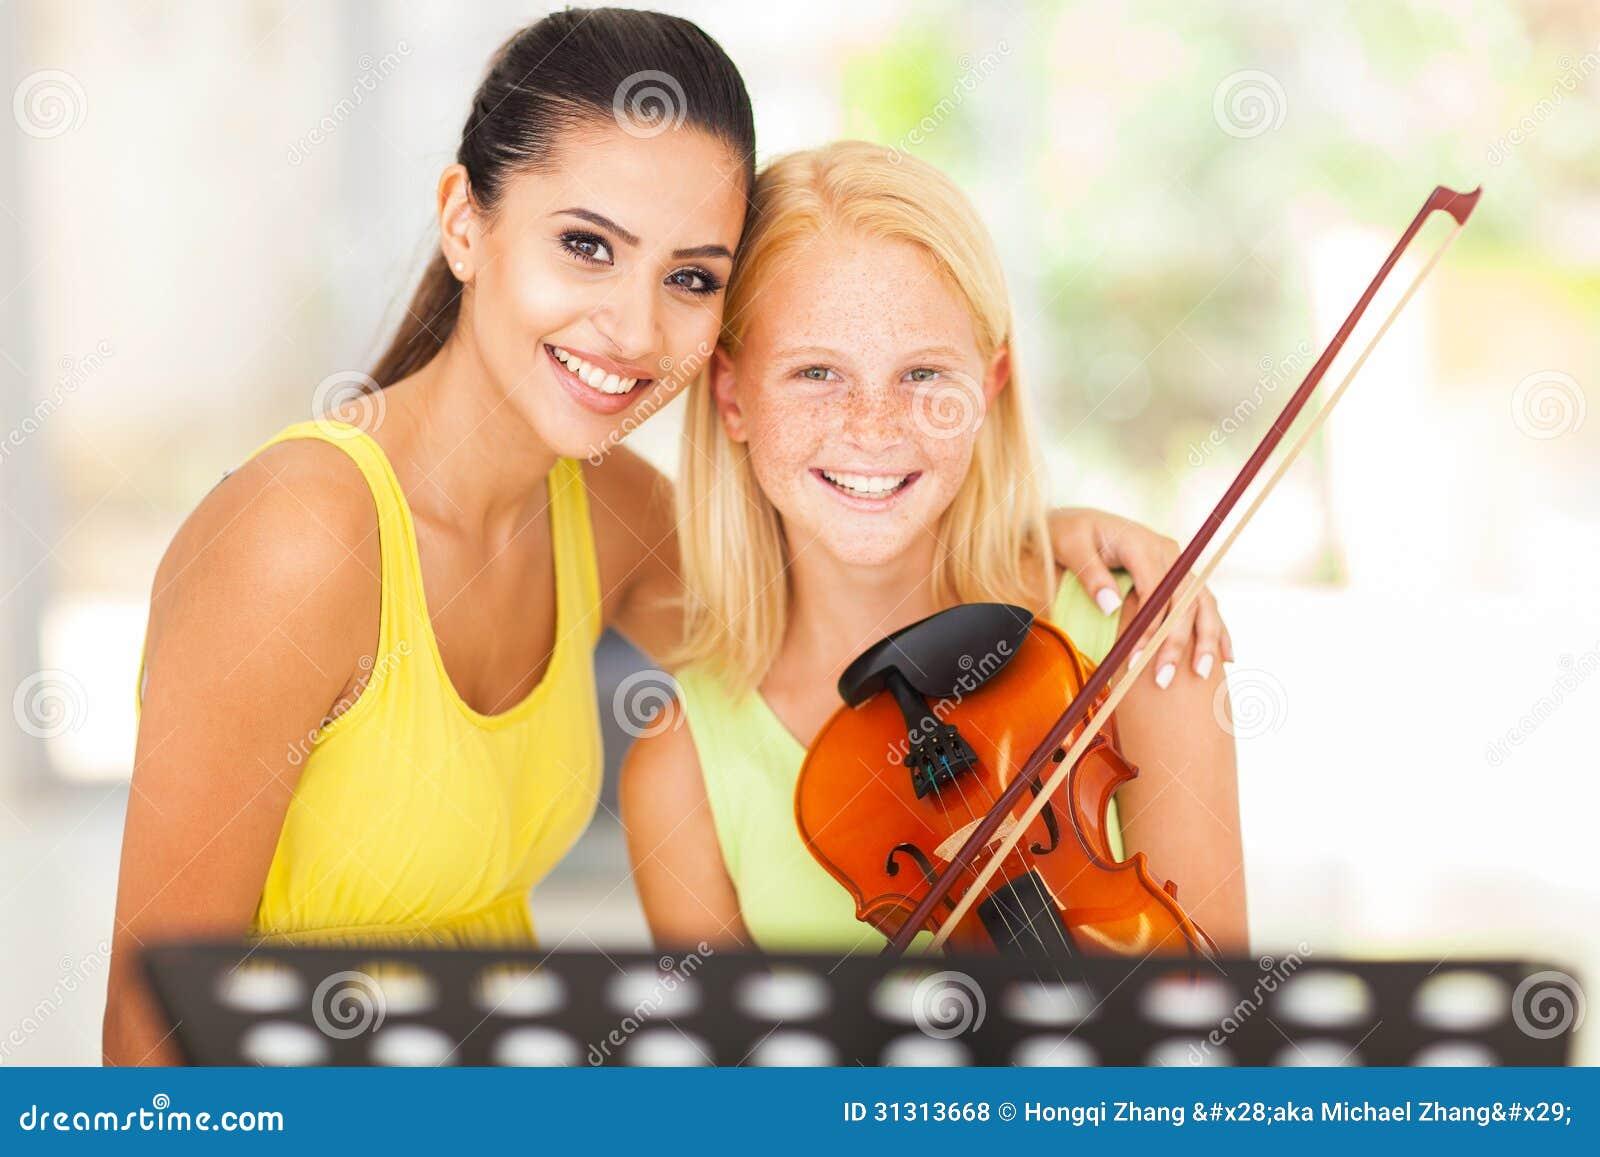 how to become a violin teacher